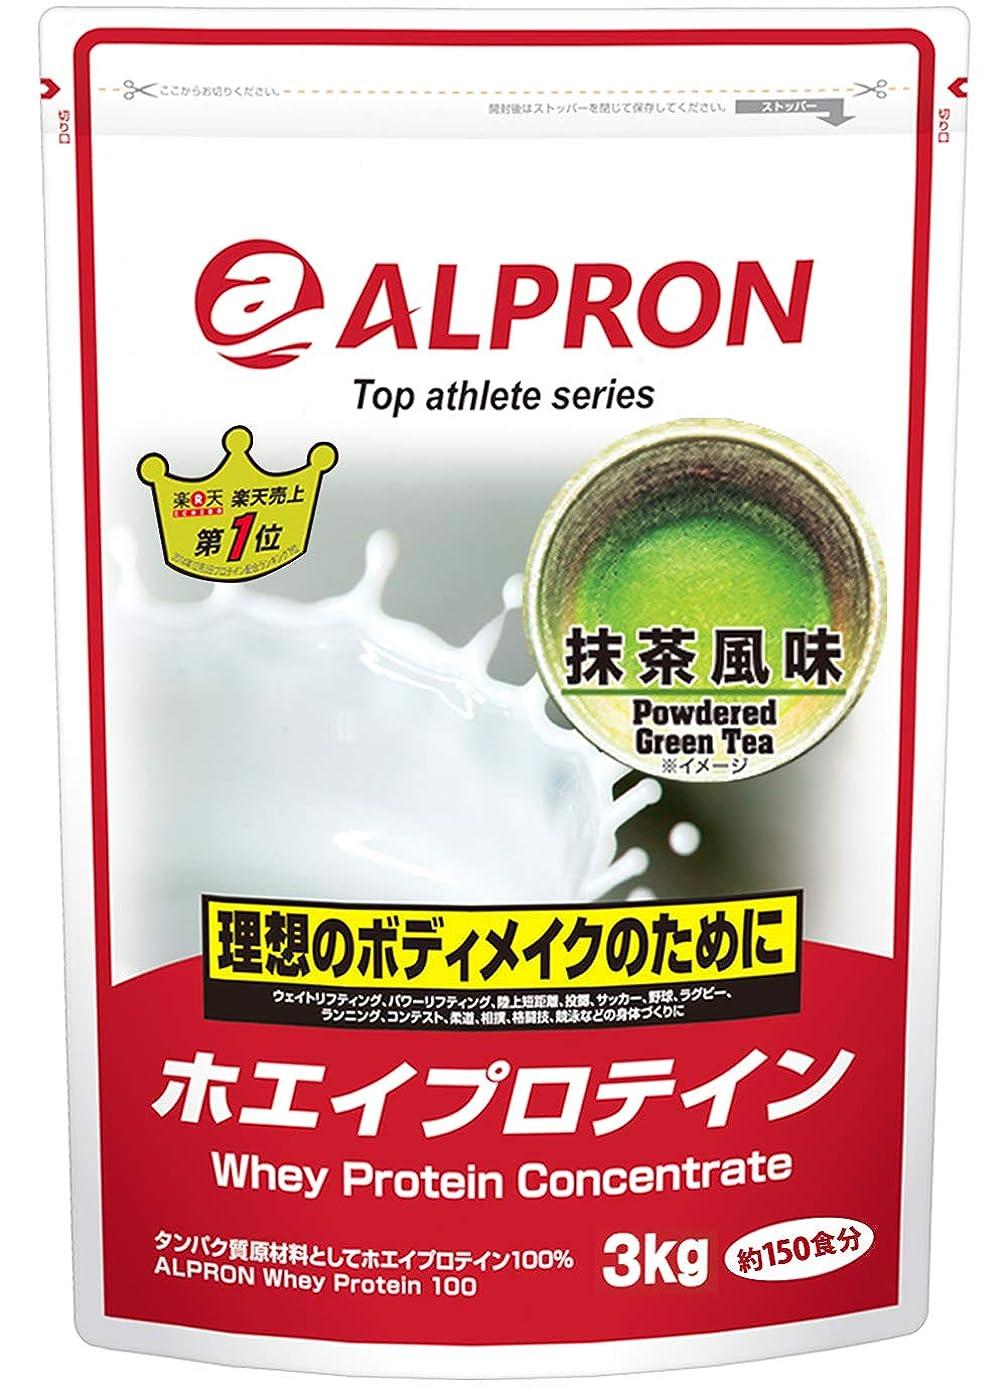 キャンペーン悲鳴マディソンアルプロン ホエイプロテイン100 3kg【約150食】抹茶風味(WPC ALPRON 国内生産)